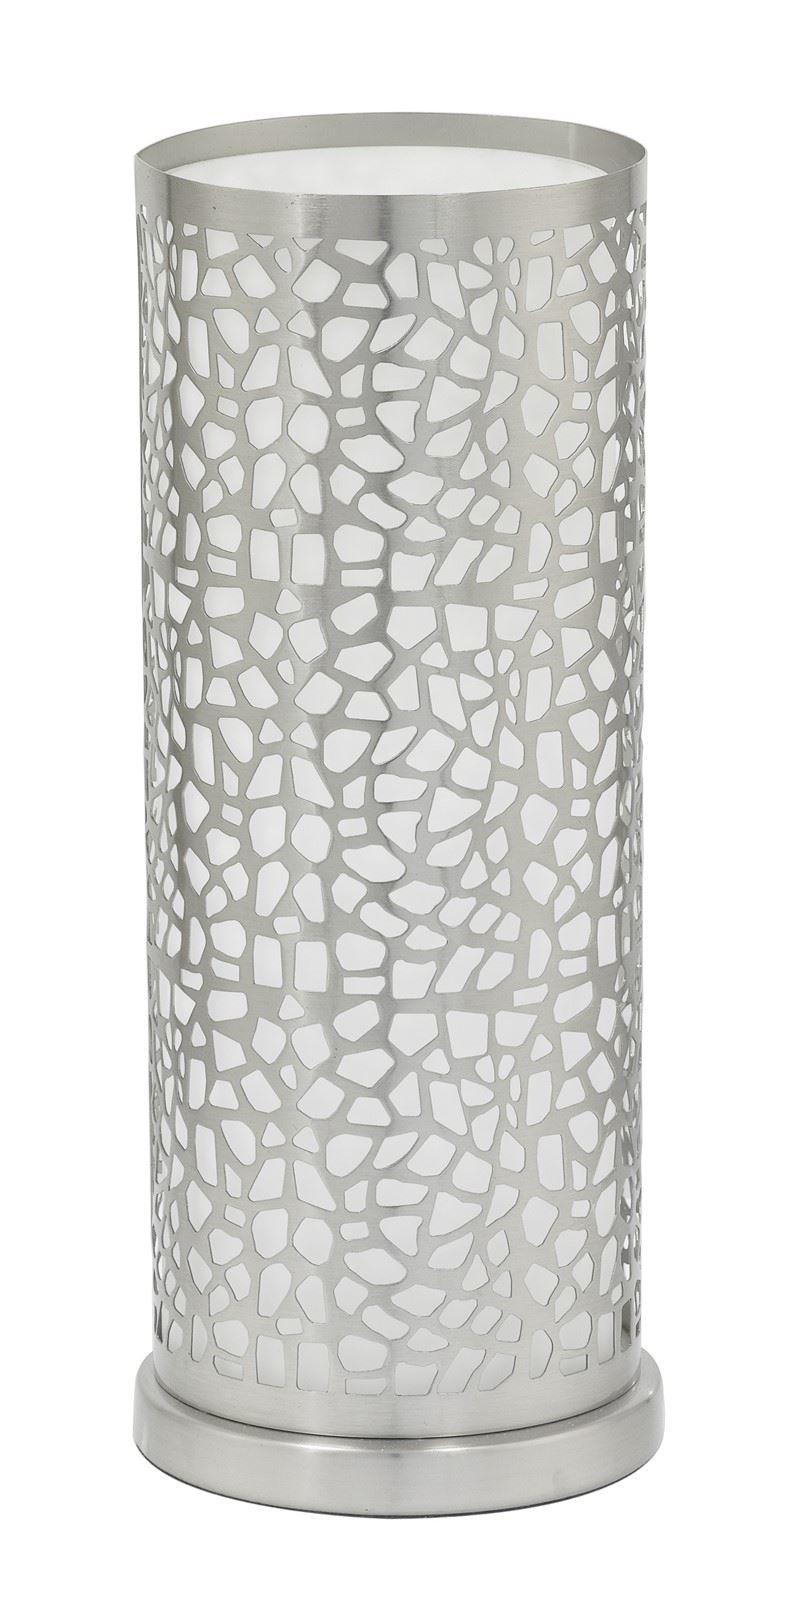 Almera Table Lamp 1 Light E27 Coated White Glass Shade